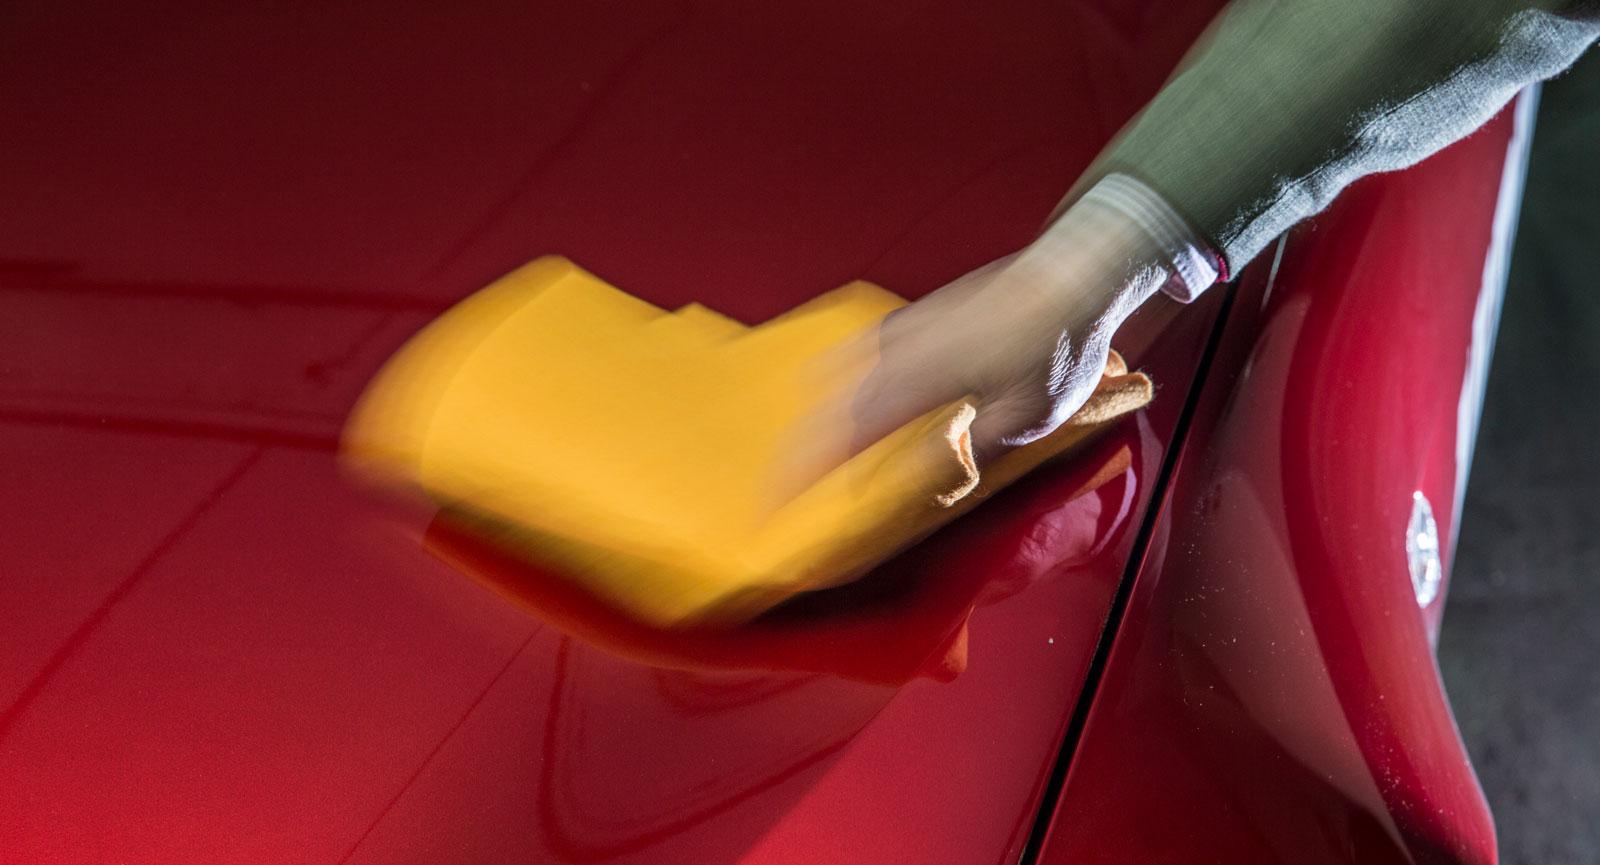 Steg 4: Innan du börjar med själva lagningen gäller det att rengöra karossdelen. Använd avfettning för att lösa upp svår smuts, skölj av och avsluta med att torka.